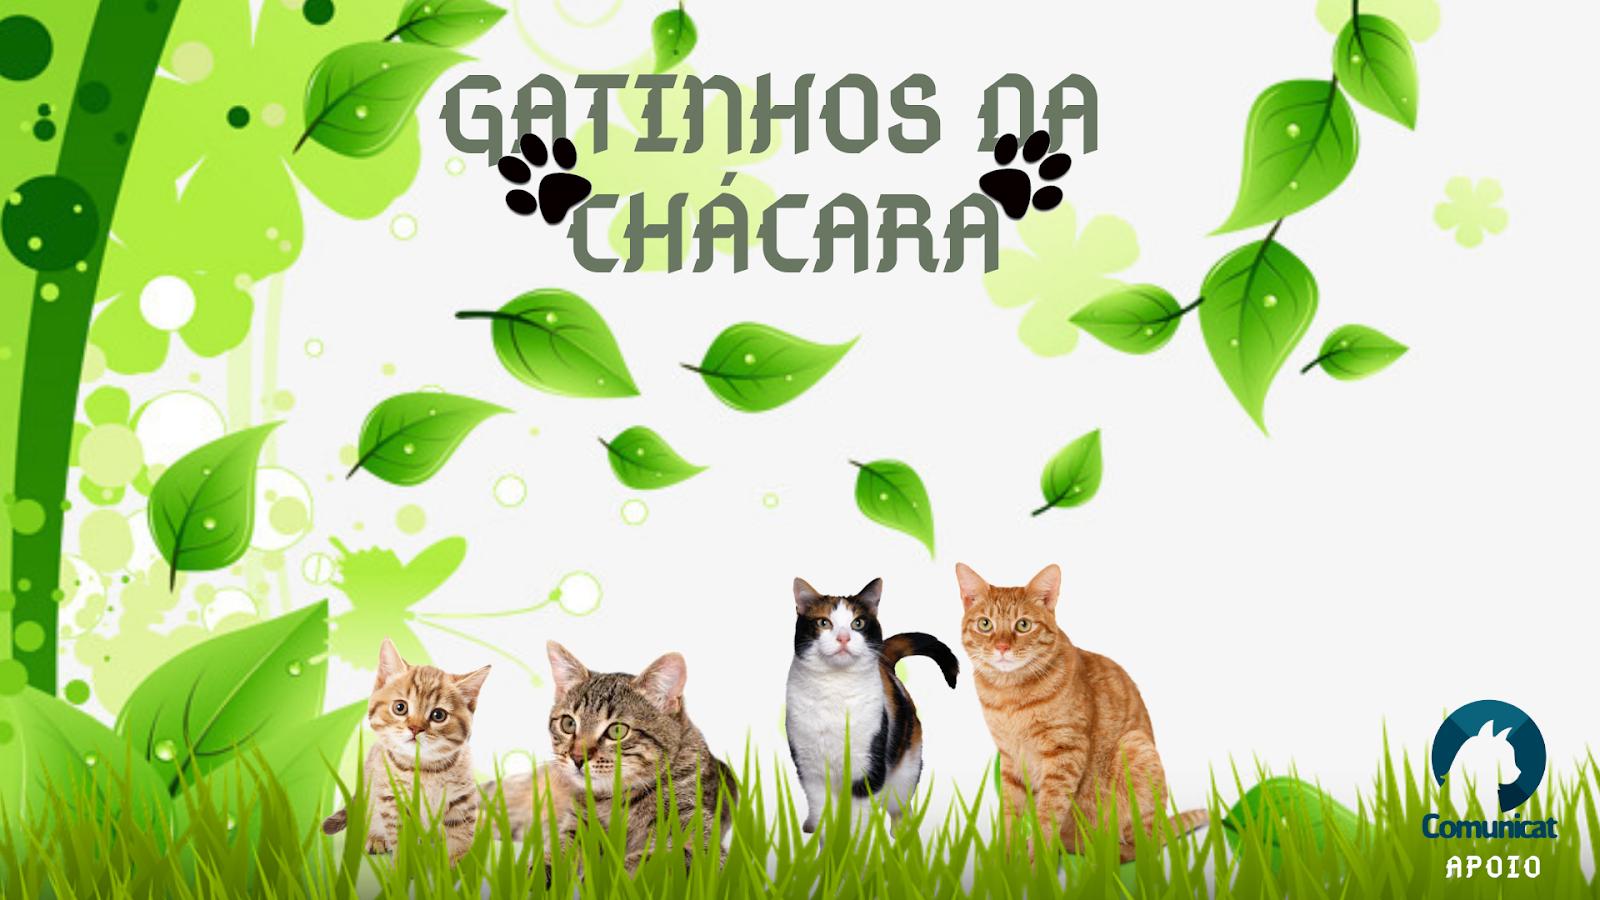 gatinhos da chacara comunicat